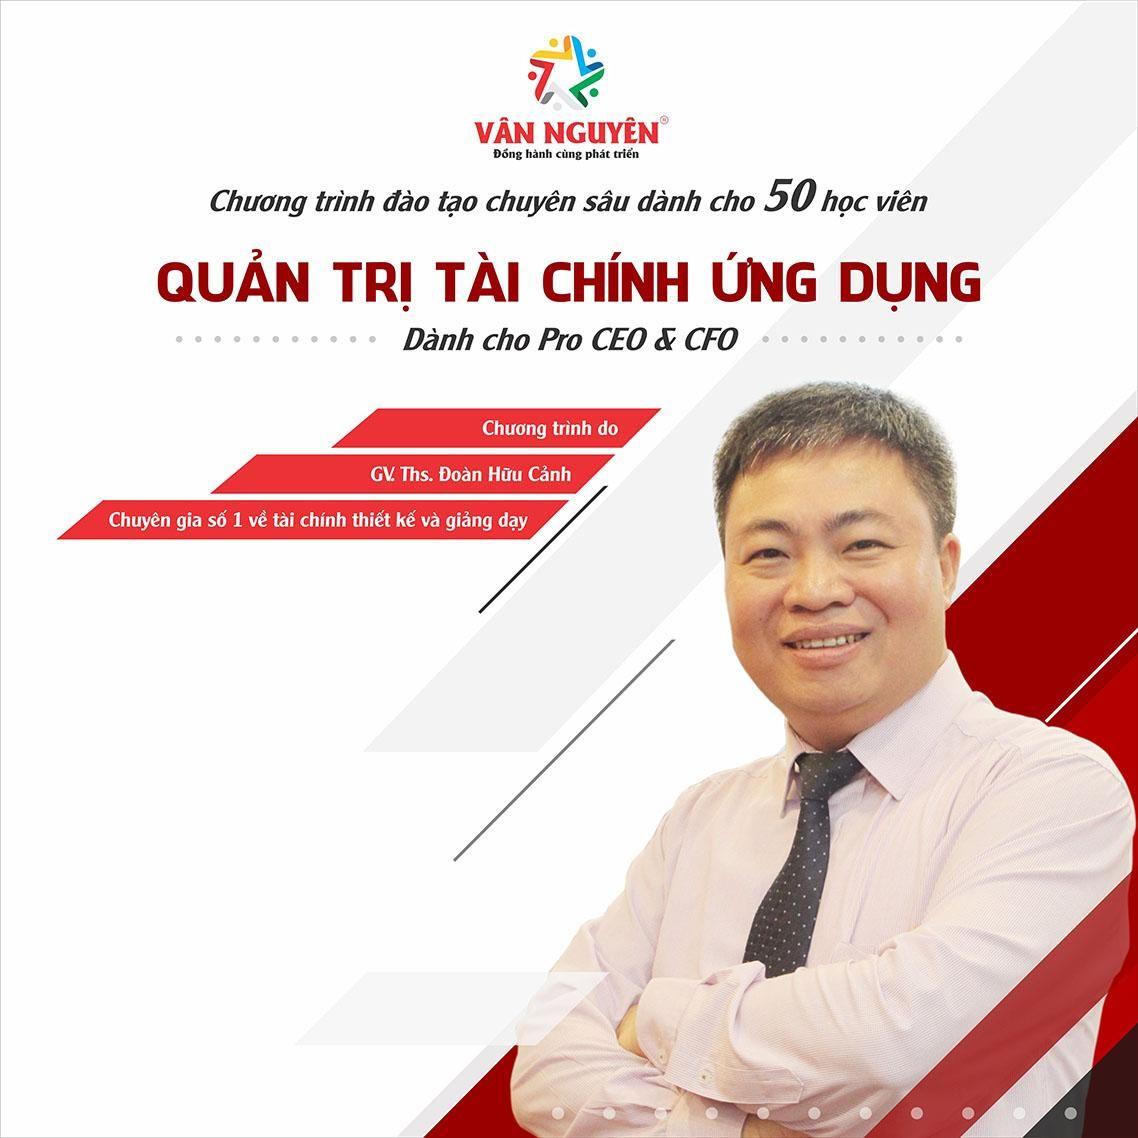 Học viện doanh nhân Vân Nguyên Edubiz Đào tạo kiến thức và kỹ năng mềm cho doanh  nghiệp 🎯 Website: https://vannguyen.edu.vn/ 🎯 H… trong 2020 | Website, Tài  chính, Kiến thức